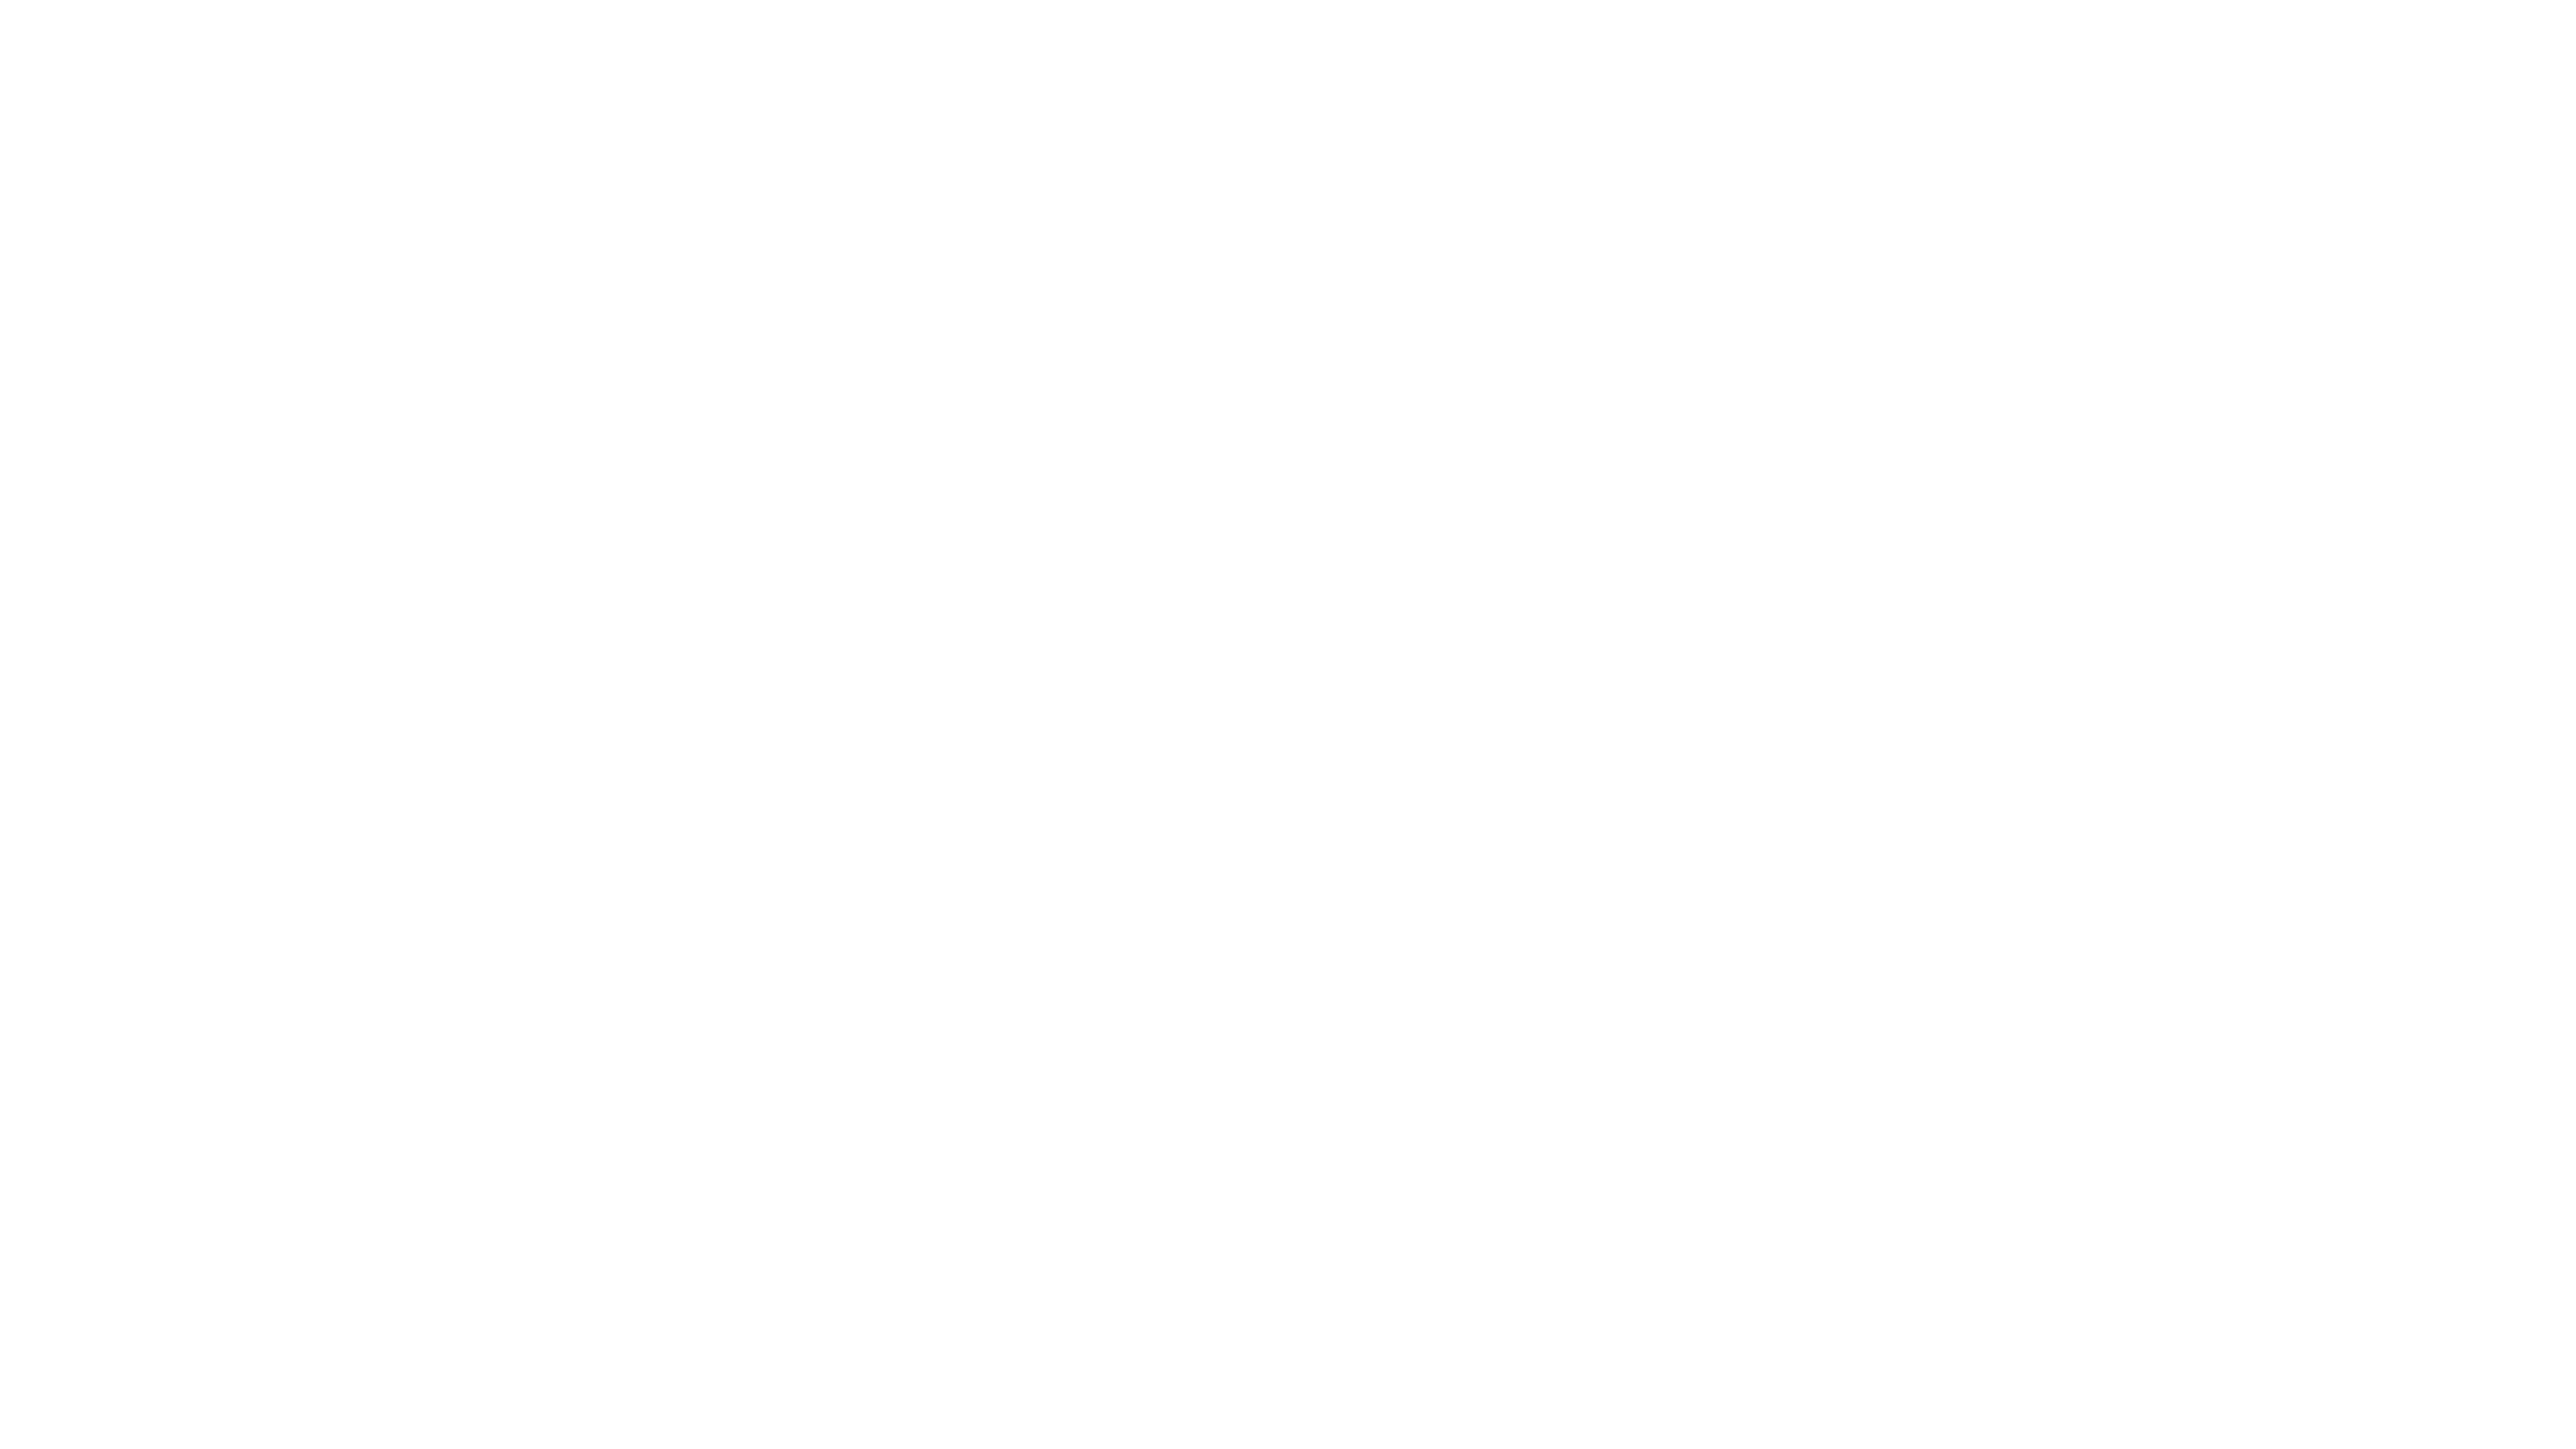 10:02 a.m.